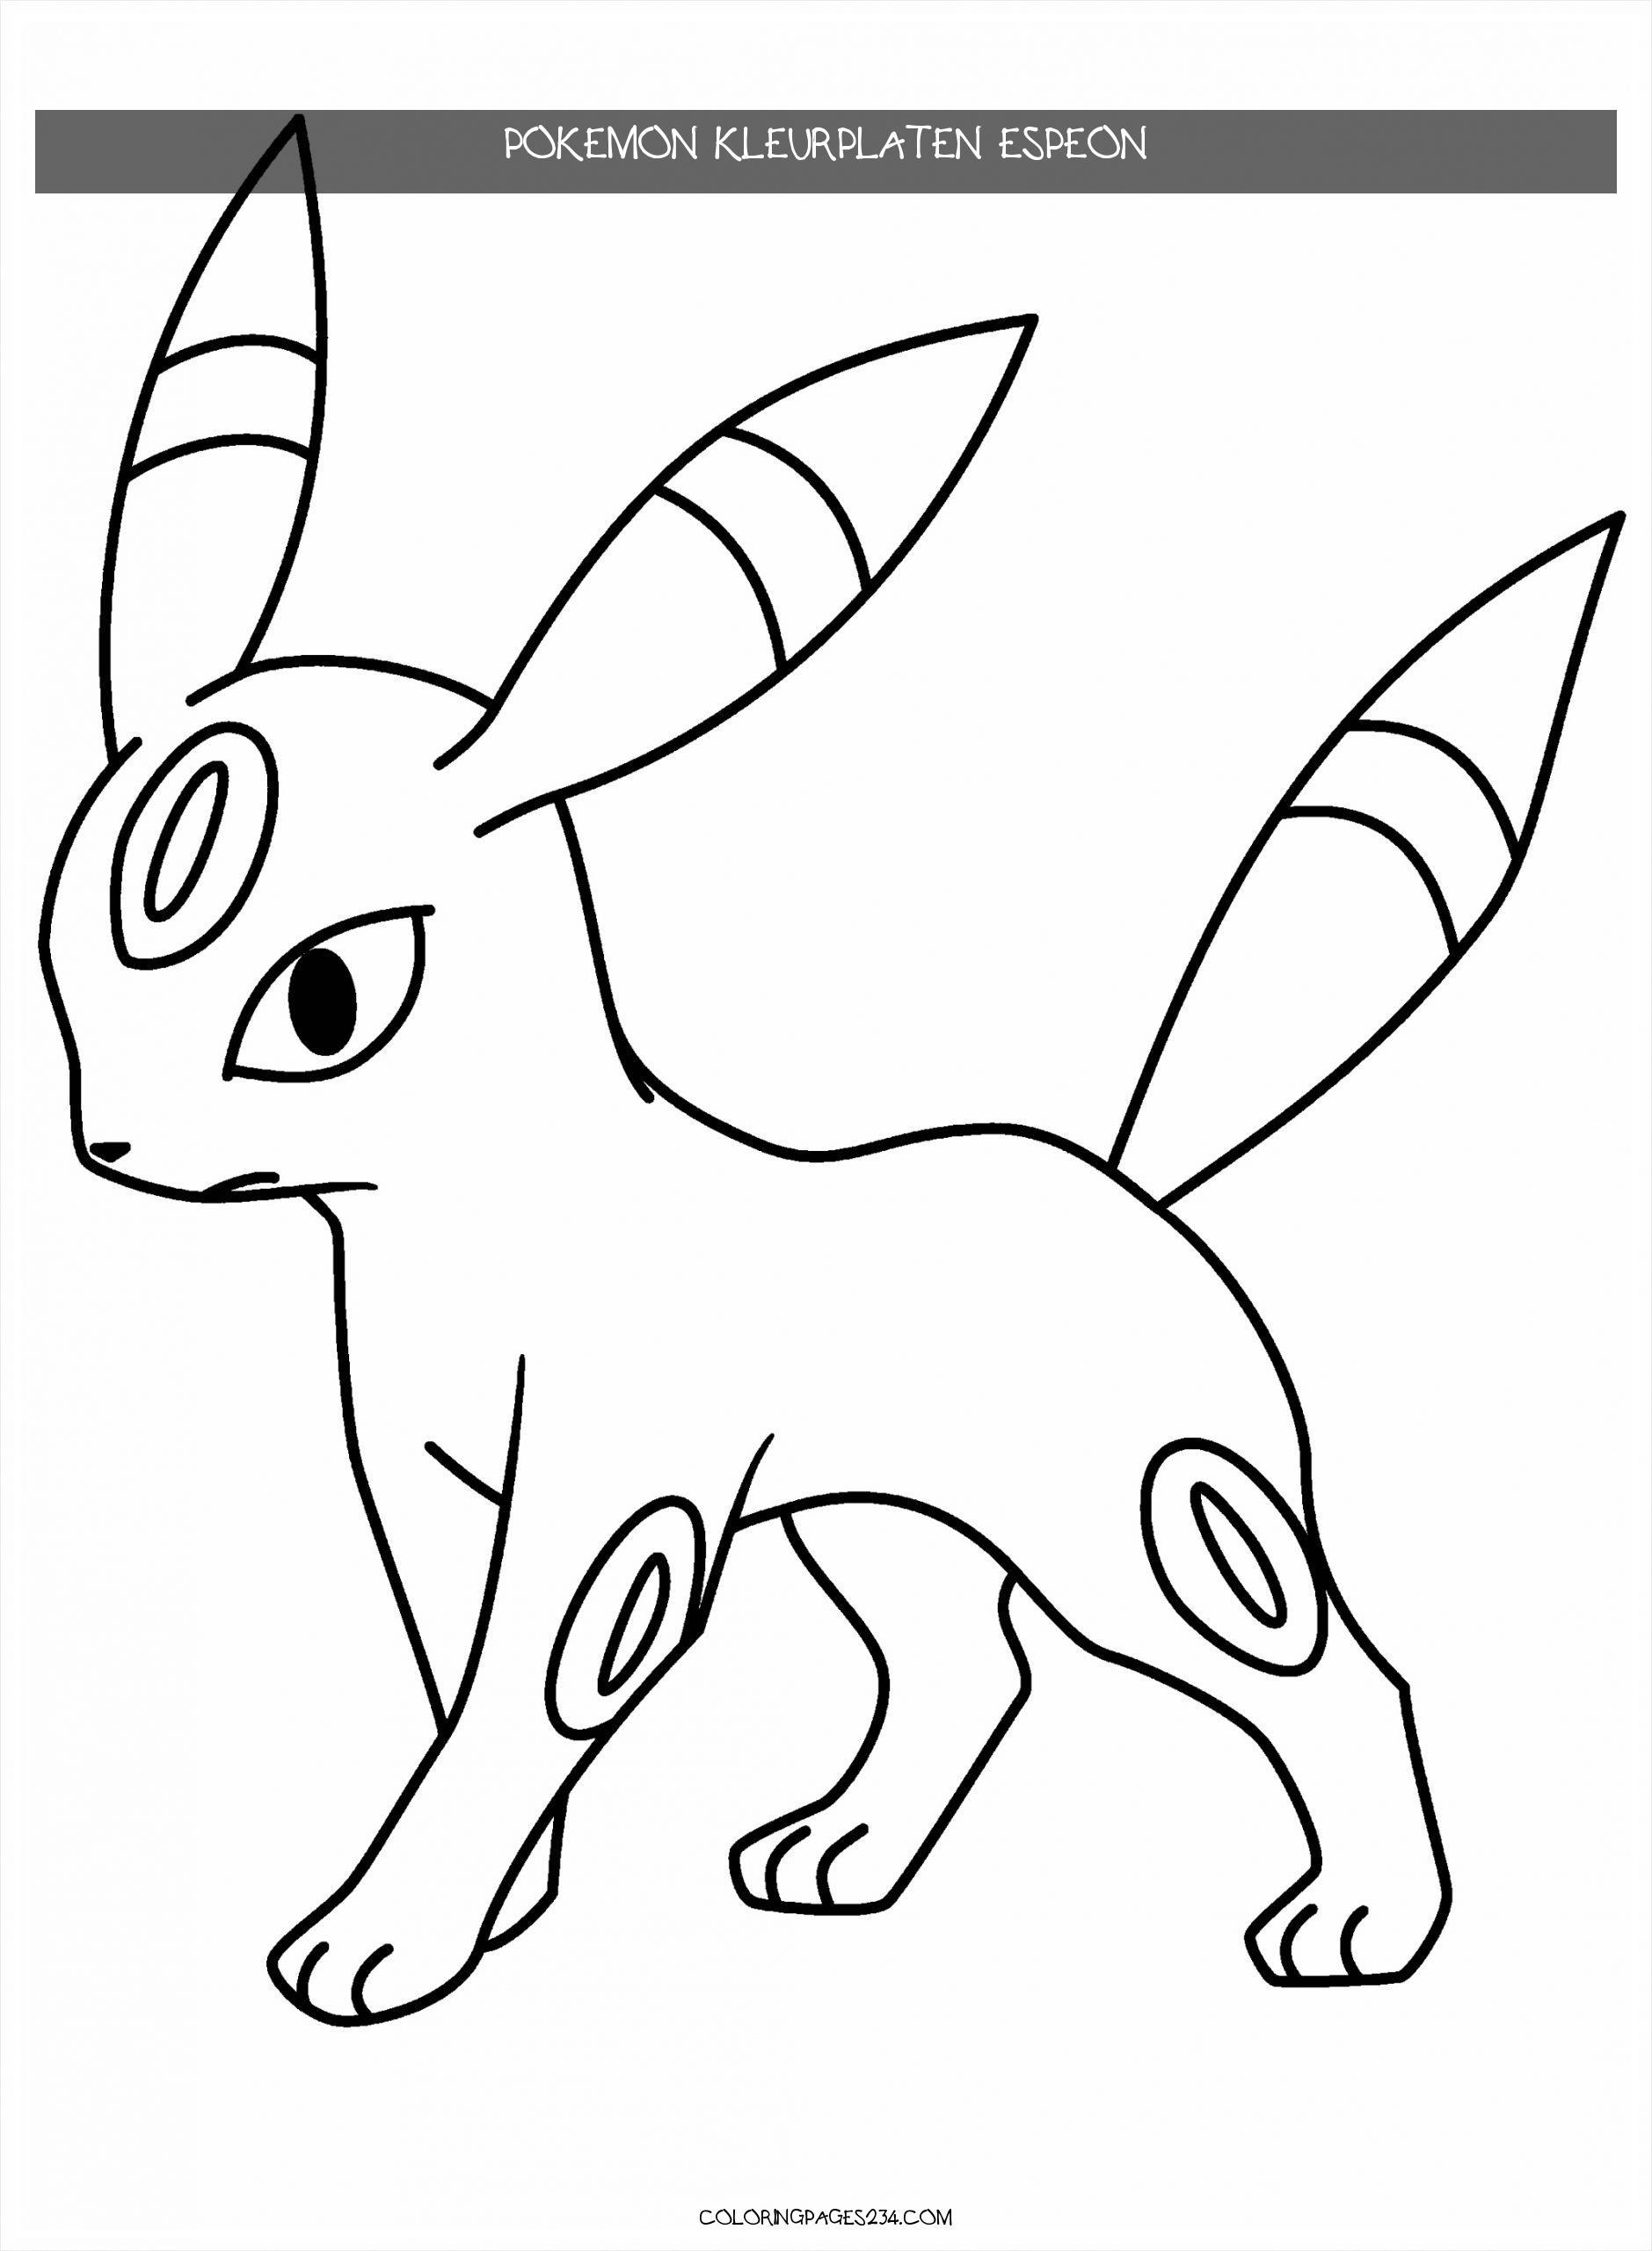 Fzkumt 78765 Hdw8ivrgndzjxqbta Pokemon Kleurplaten Espeon Pokemon Coloring Pages – Walloid Met Afbeeldingen 25601879